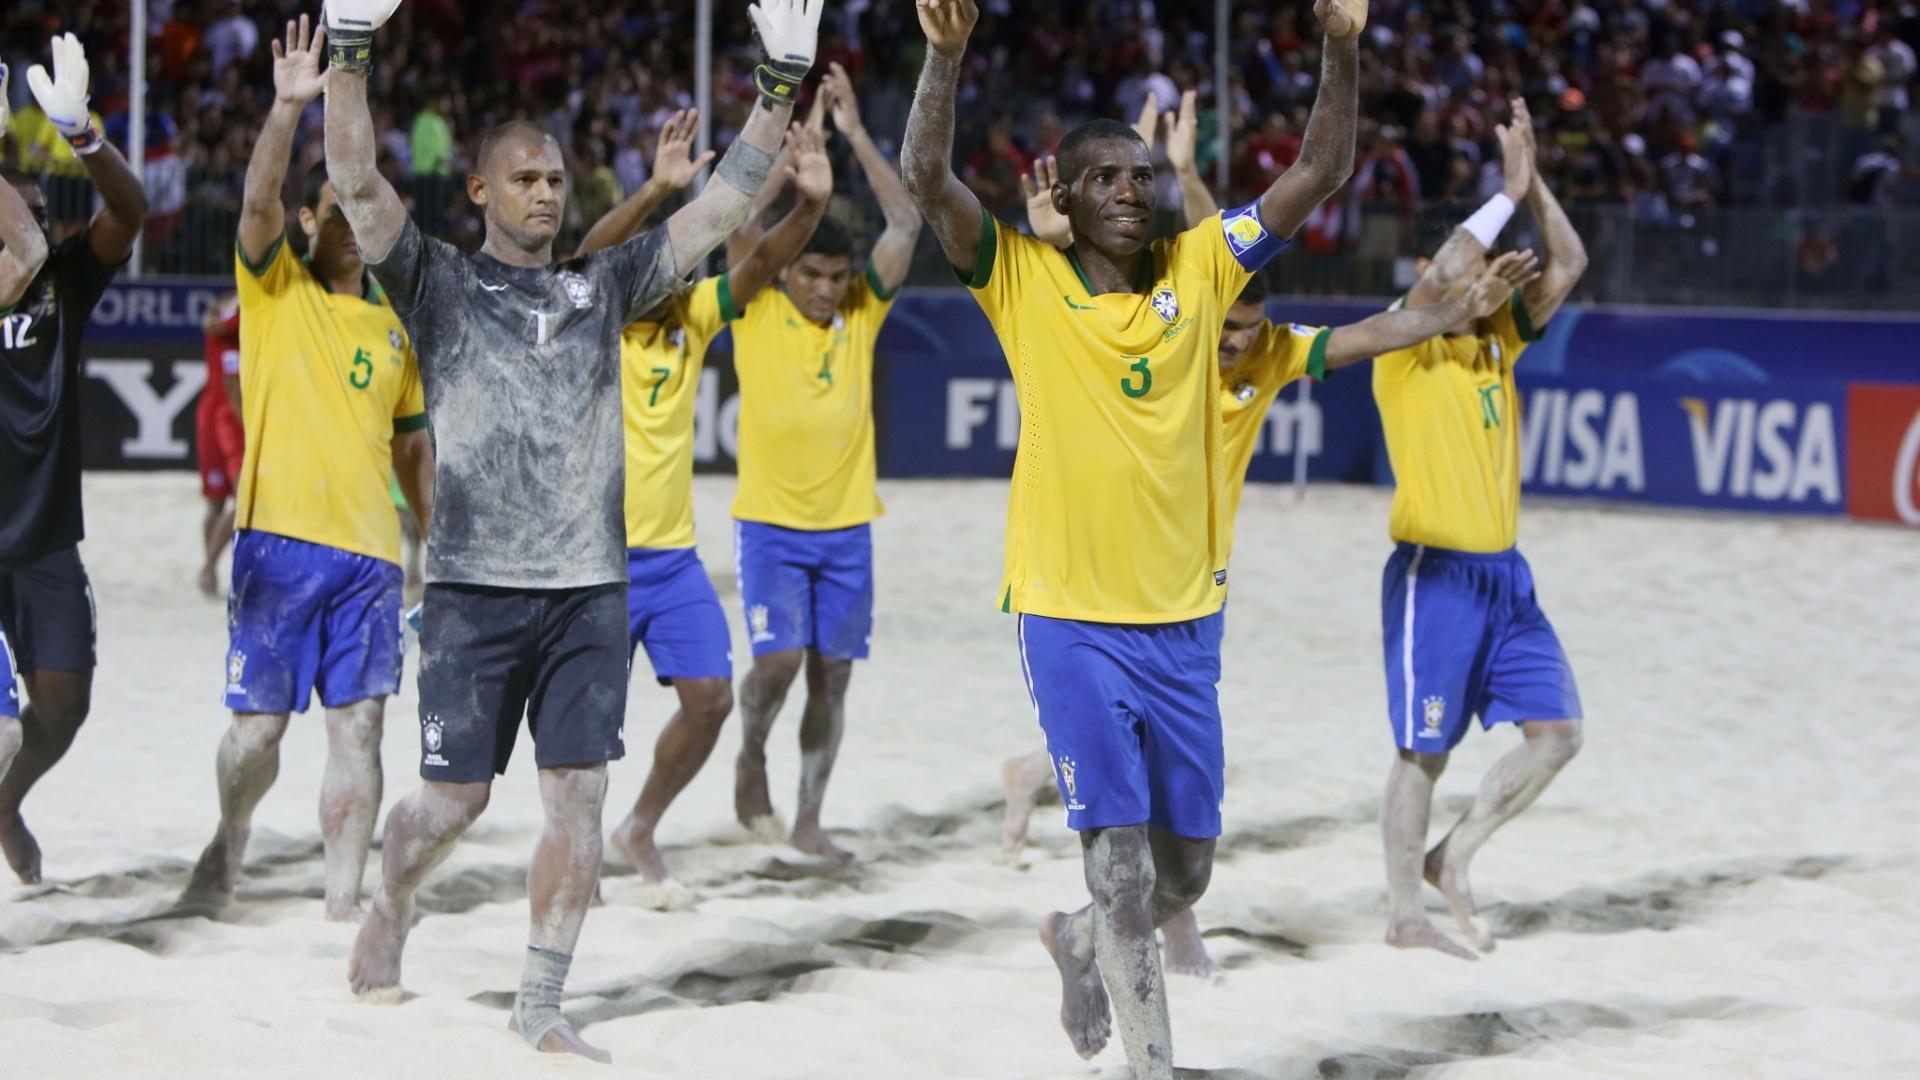 Seleção brasileira comemora o terceiro lugar no Mundial de futebol de areia